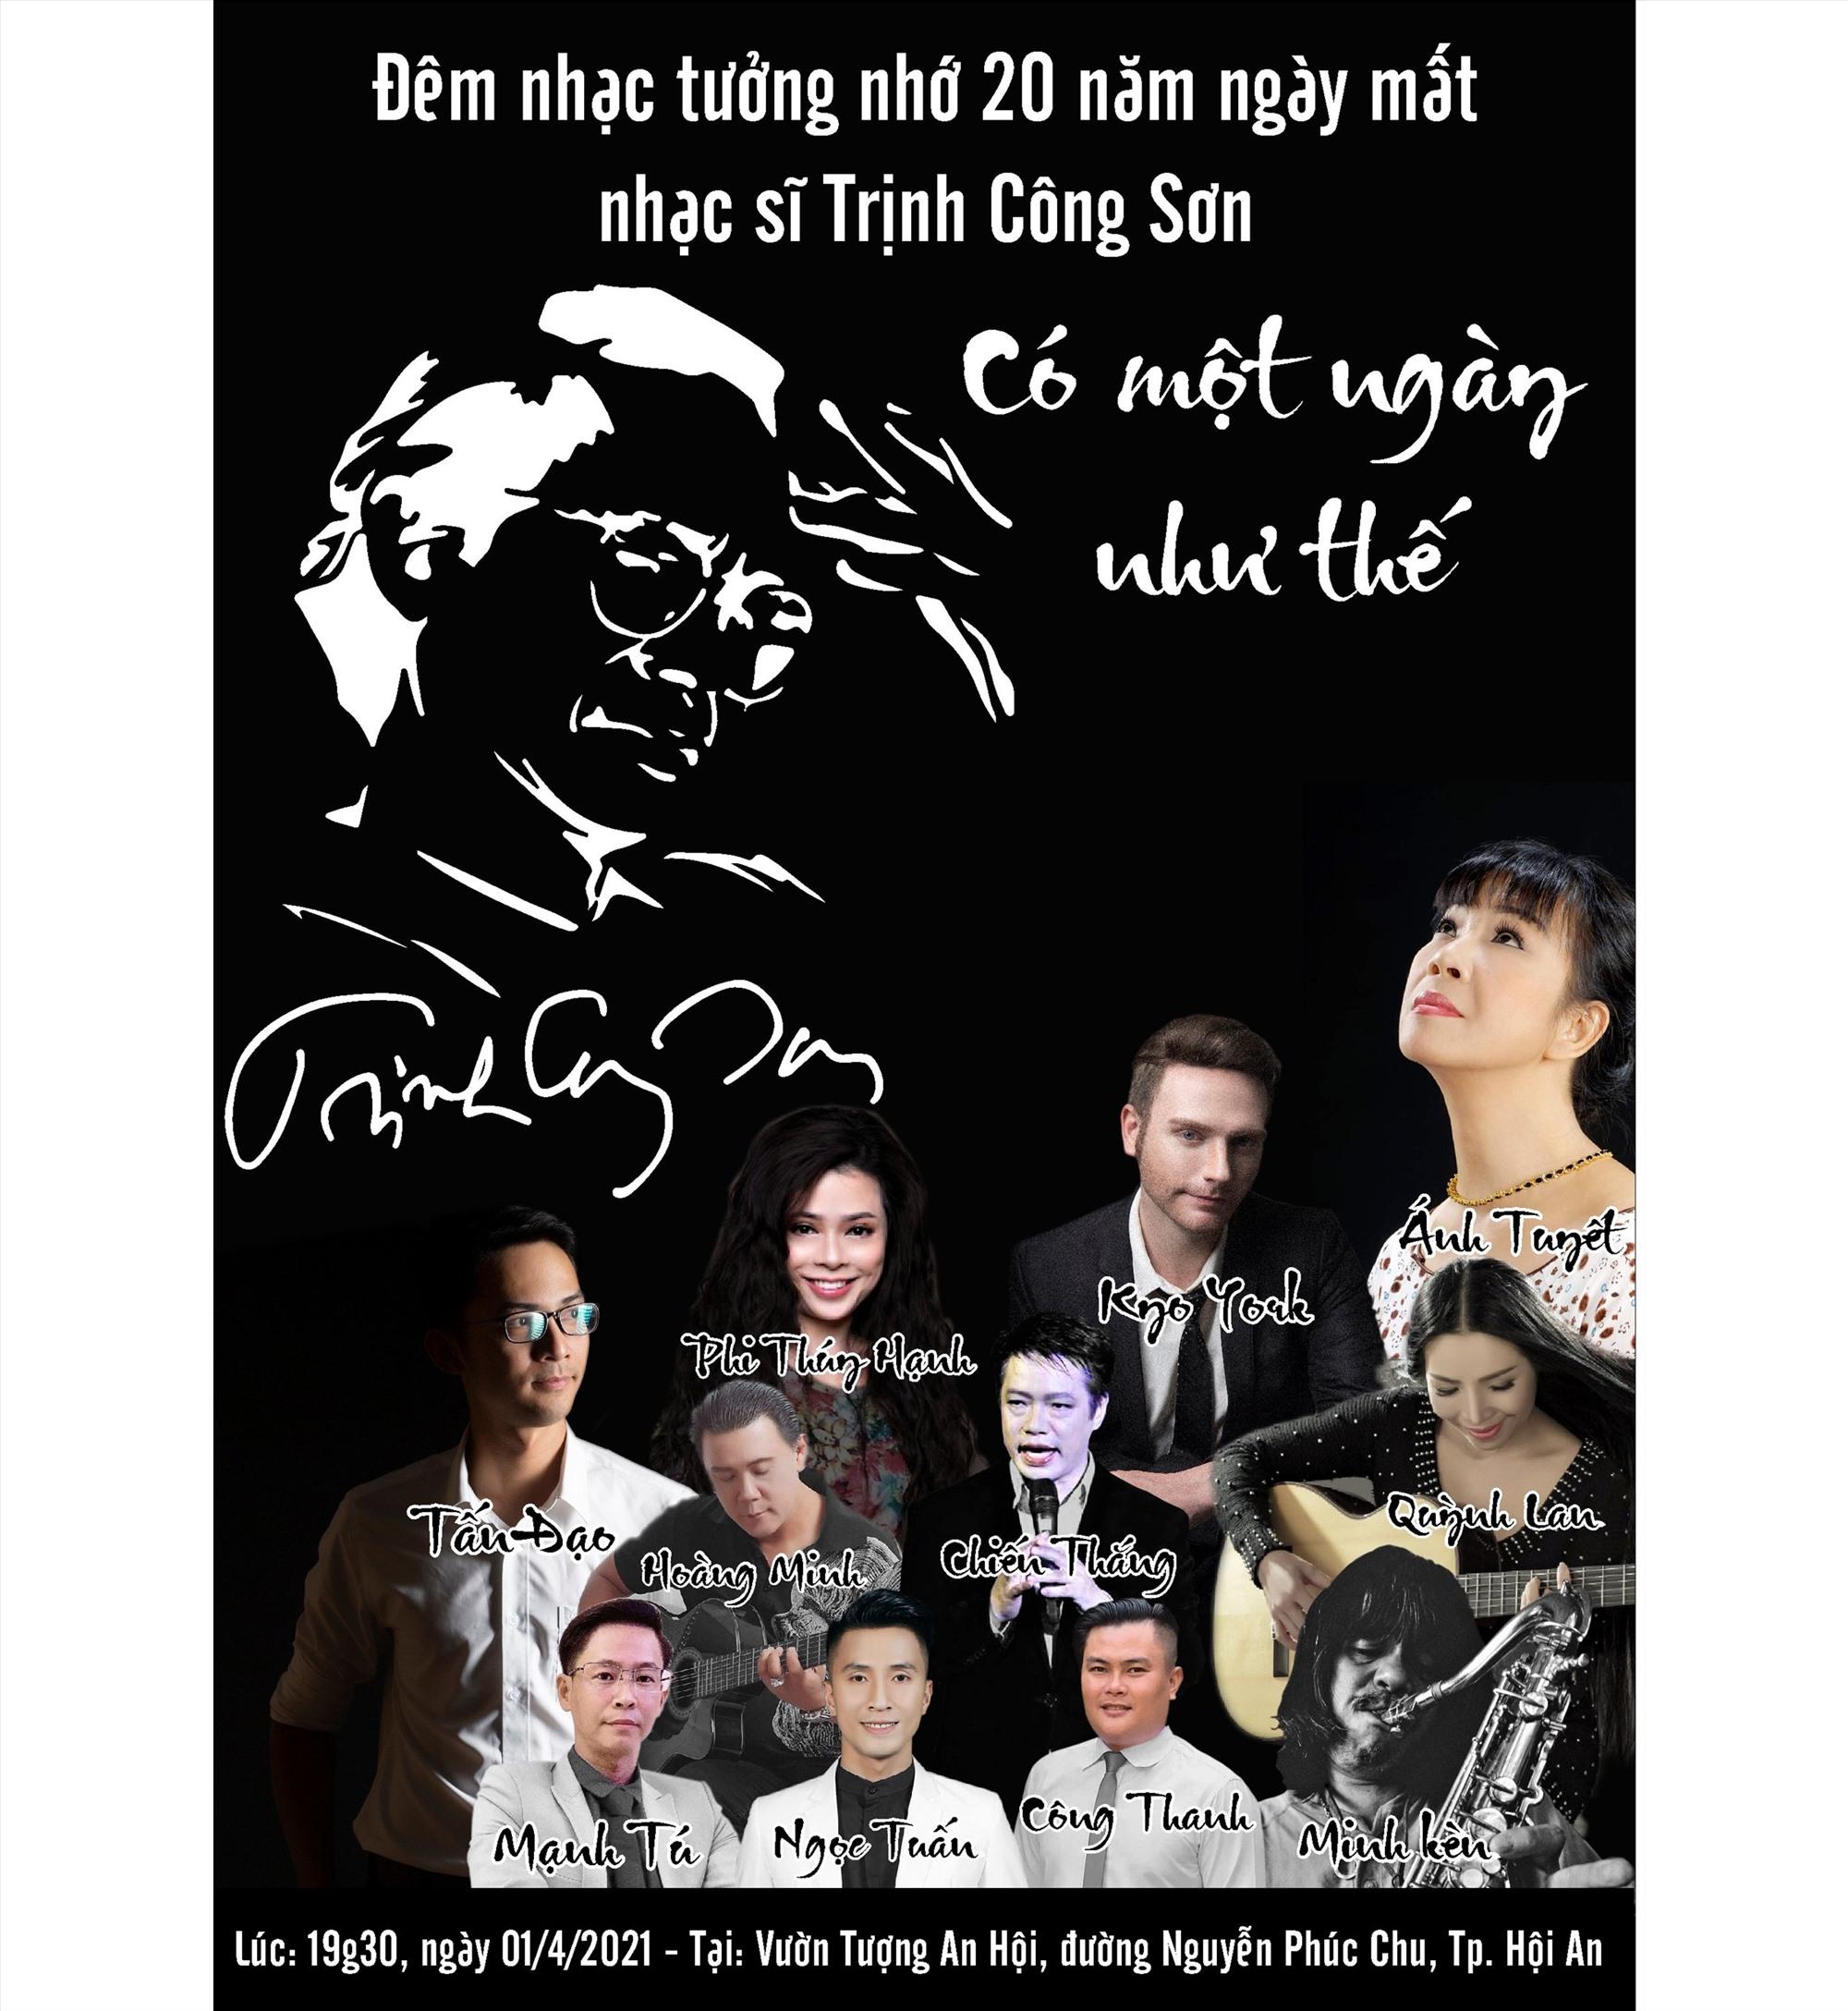 Đêm nhạc tưởng nhớ nhạc sỹ Trinh Công Sơn sẽ diễn ra ngày 1.4 tại TP.Hội An